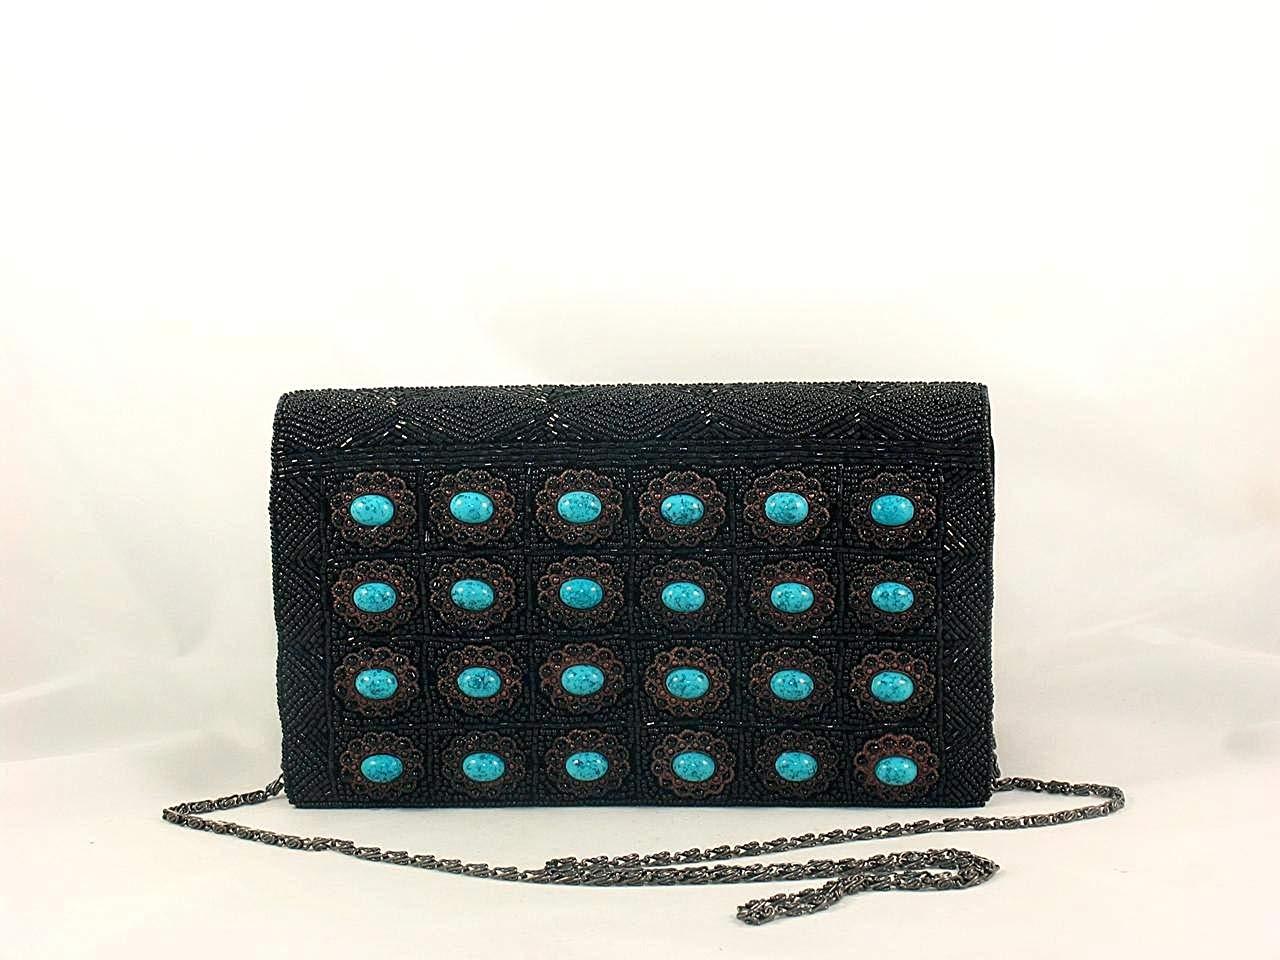 995d1dbf5b Get Quotations · WF86-55 Beaded Handmade Evening Handbag Bag Purse Handbag  Velvet Material